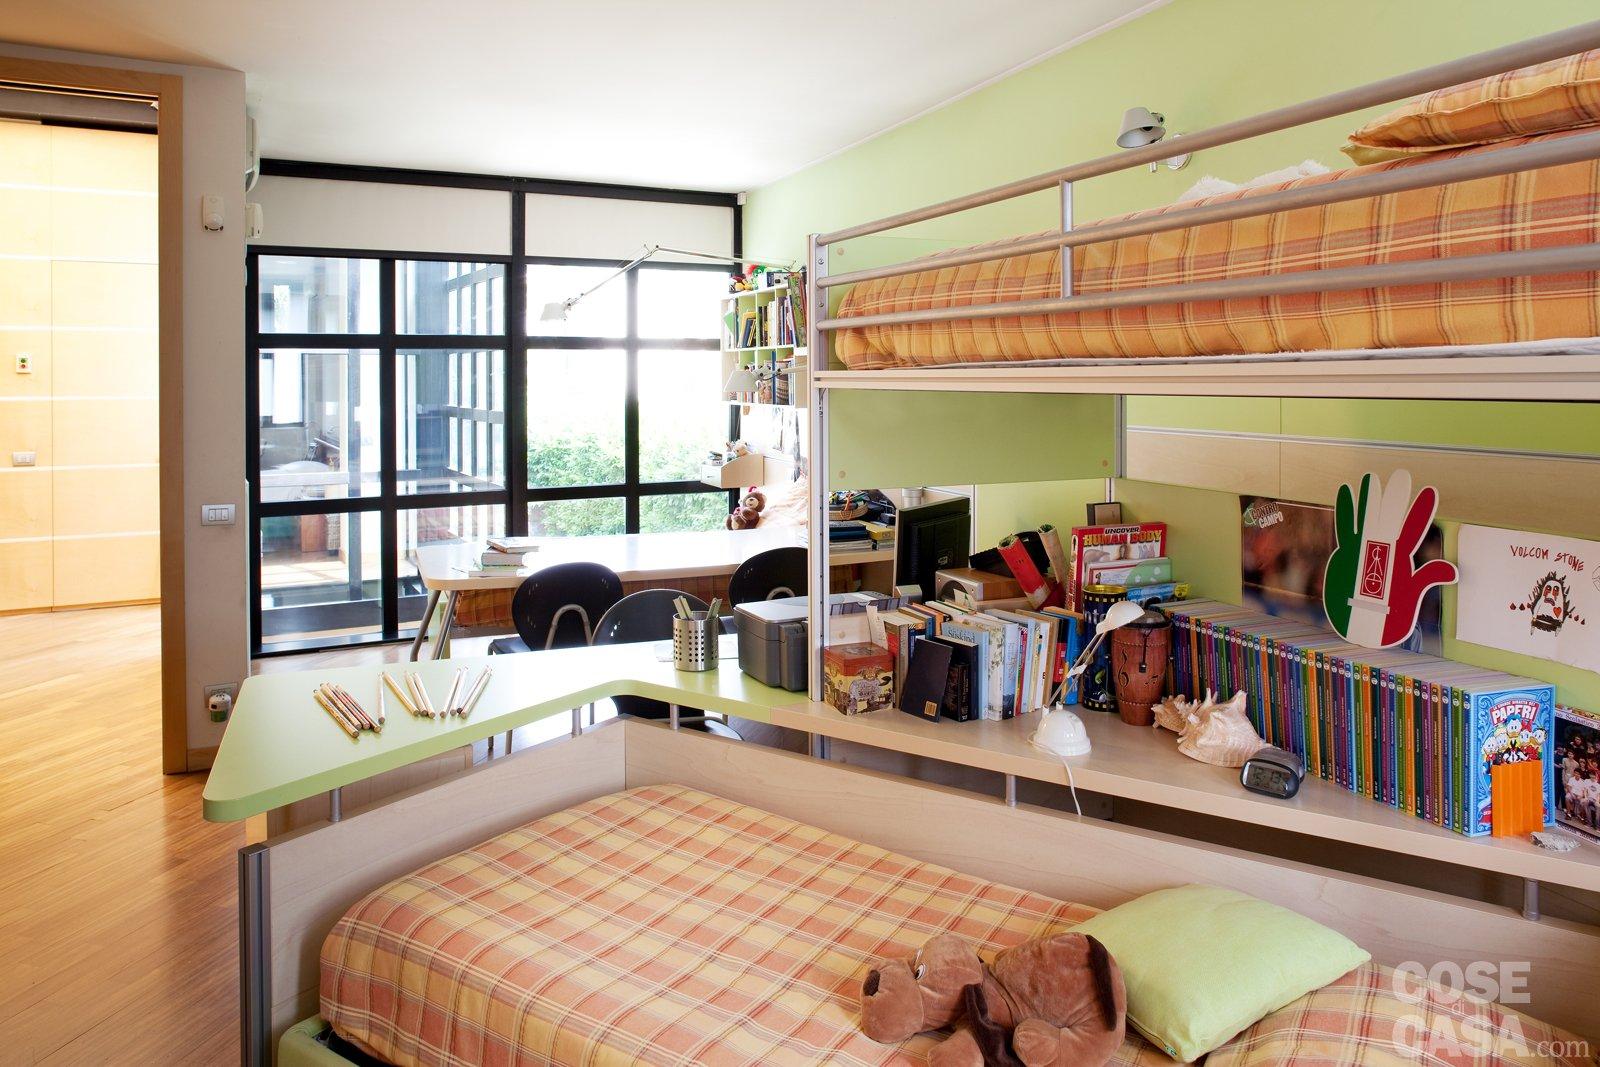 Camera da letto ragazza camere tumblr idee idee for Accessori camera da letto ragazza